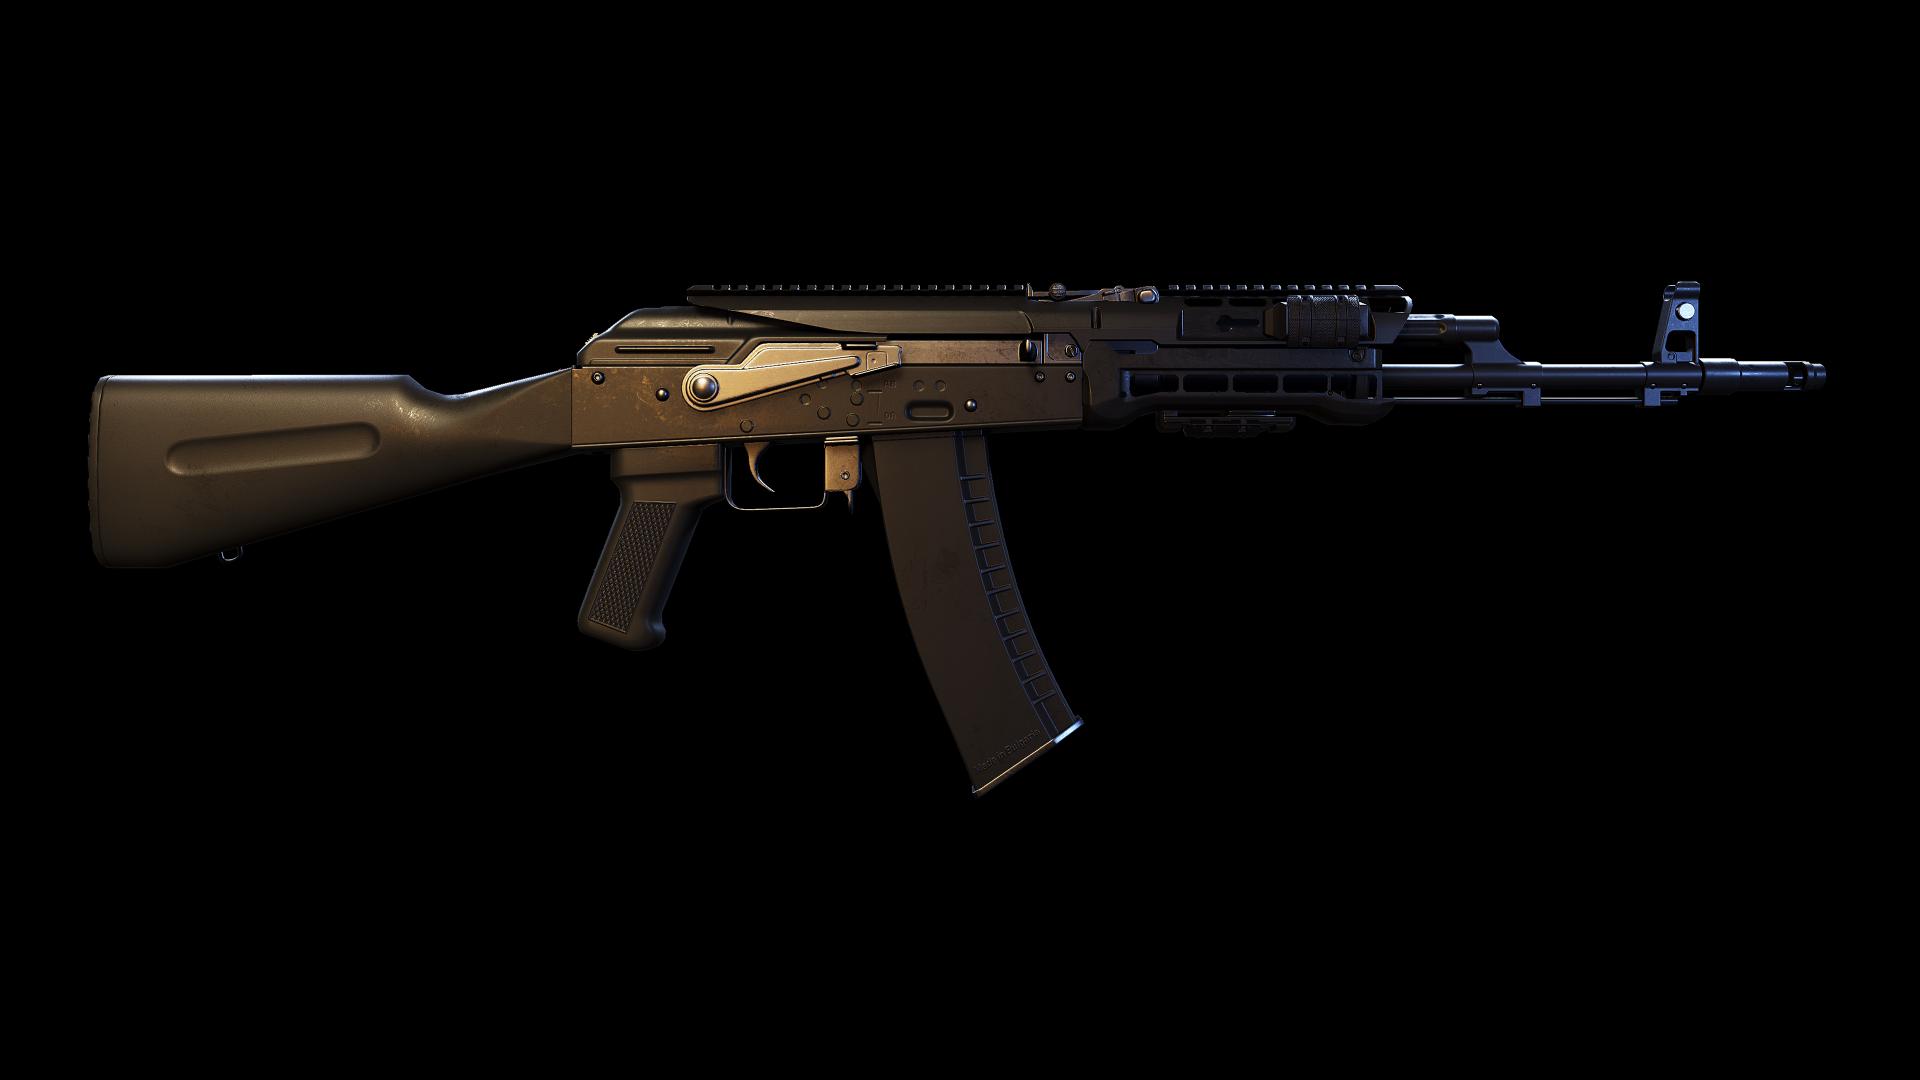 AK-74/Ghost Recon Wildlands